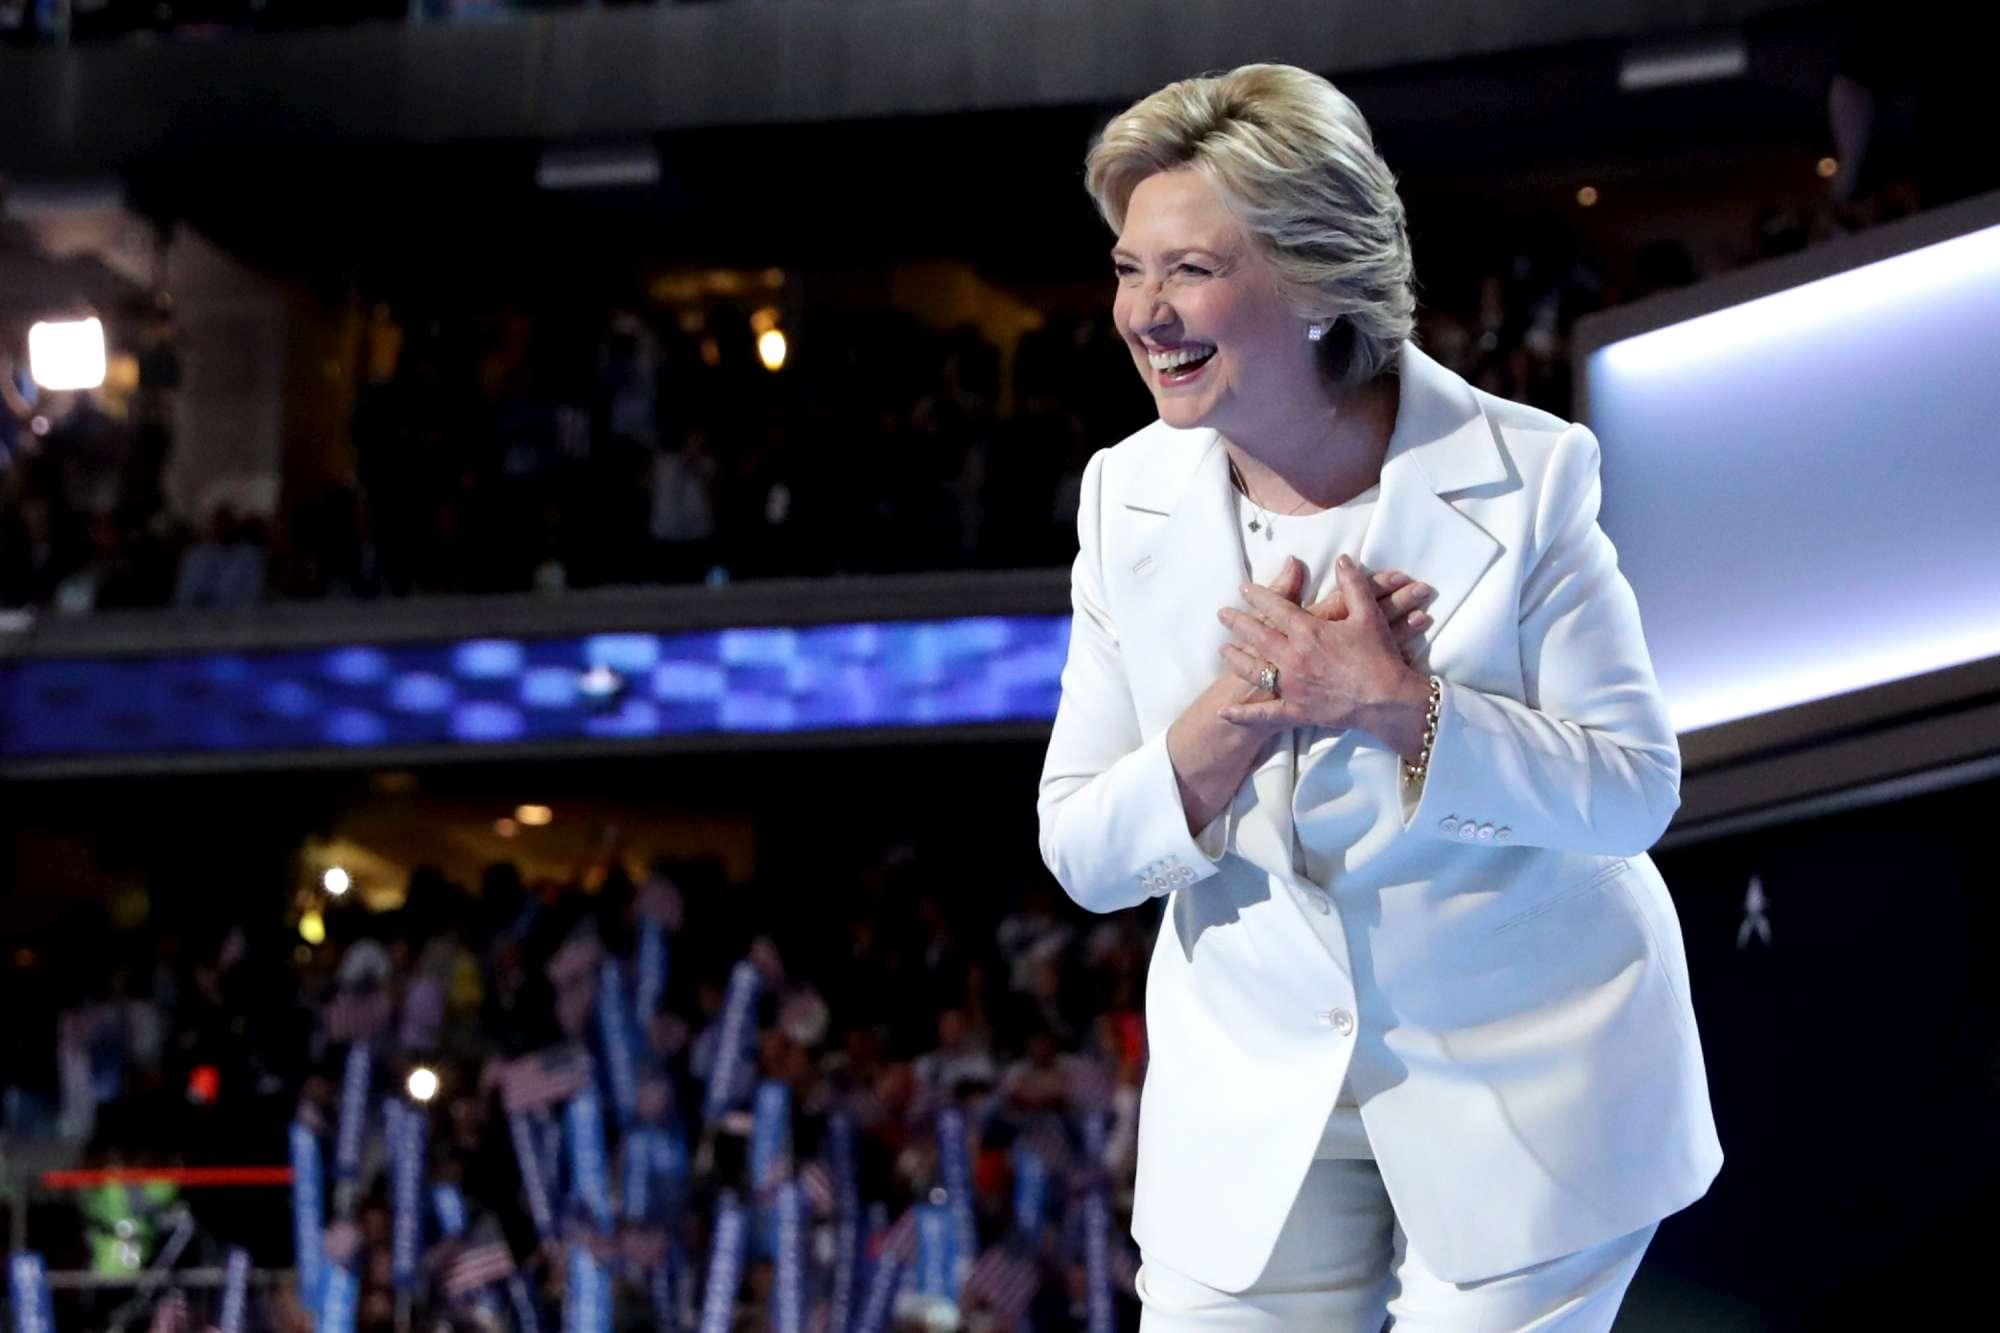 La notte di Hillary: l ovazione, i palloncini e l abbraccio con Bill e Chelsea